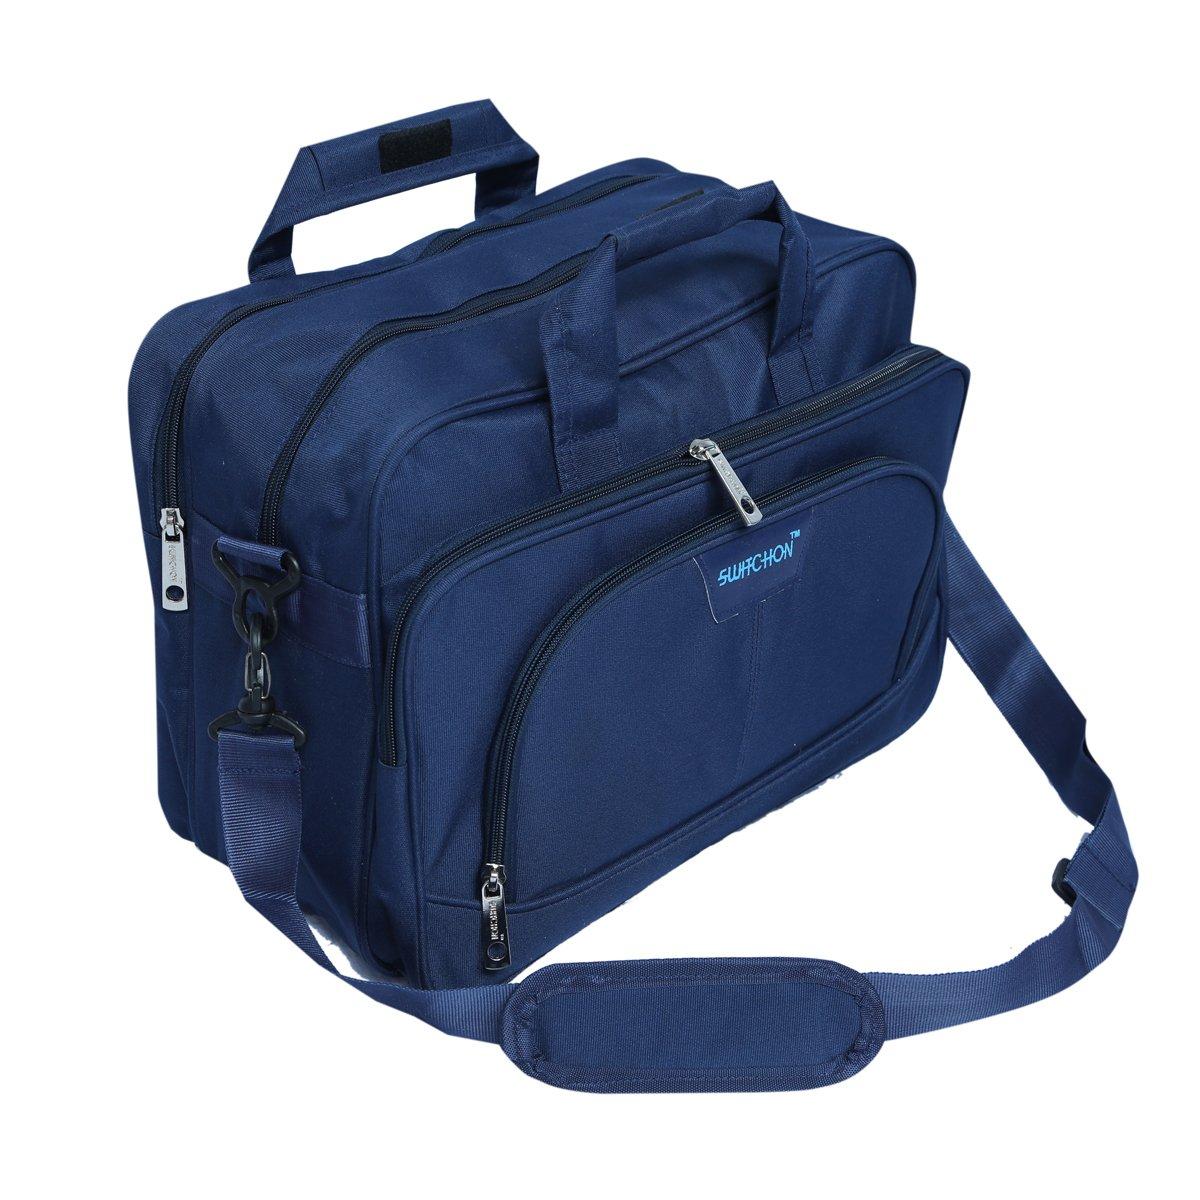 Kuber Industries 17 Inch Travel Bag//Duffle Bag//Weekender Bag Duff28